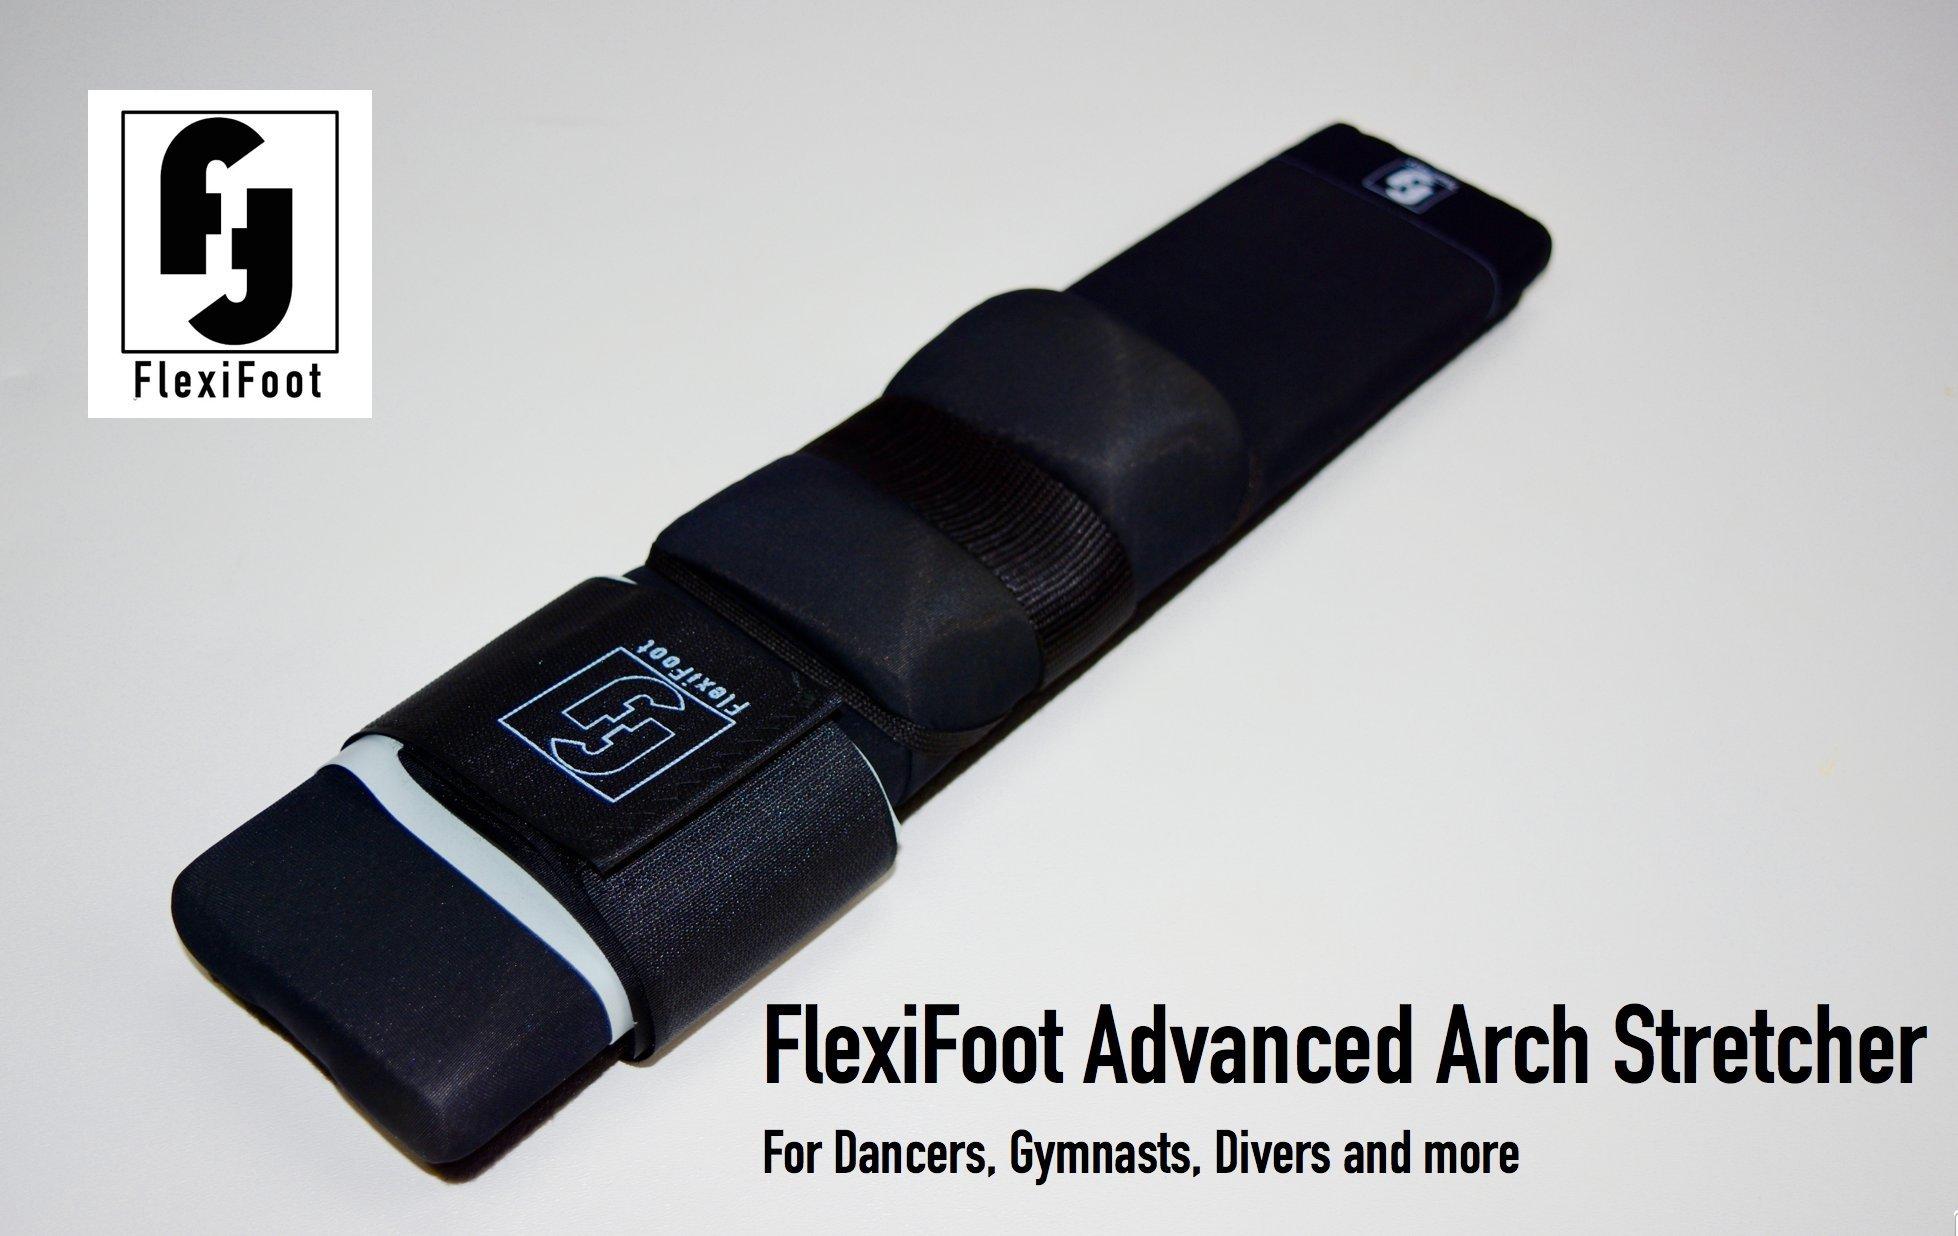 FlexiFoot Advanced Arch Stretcher